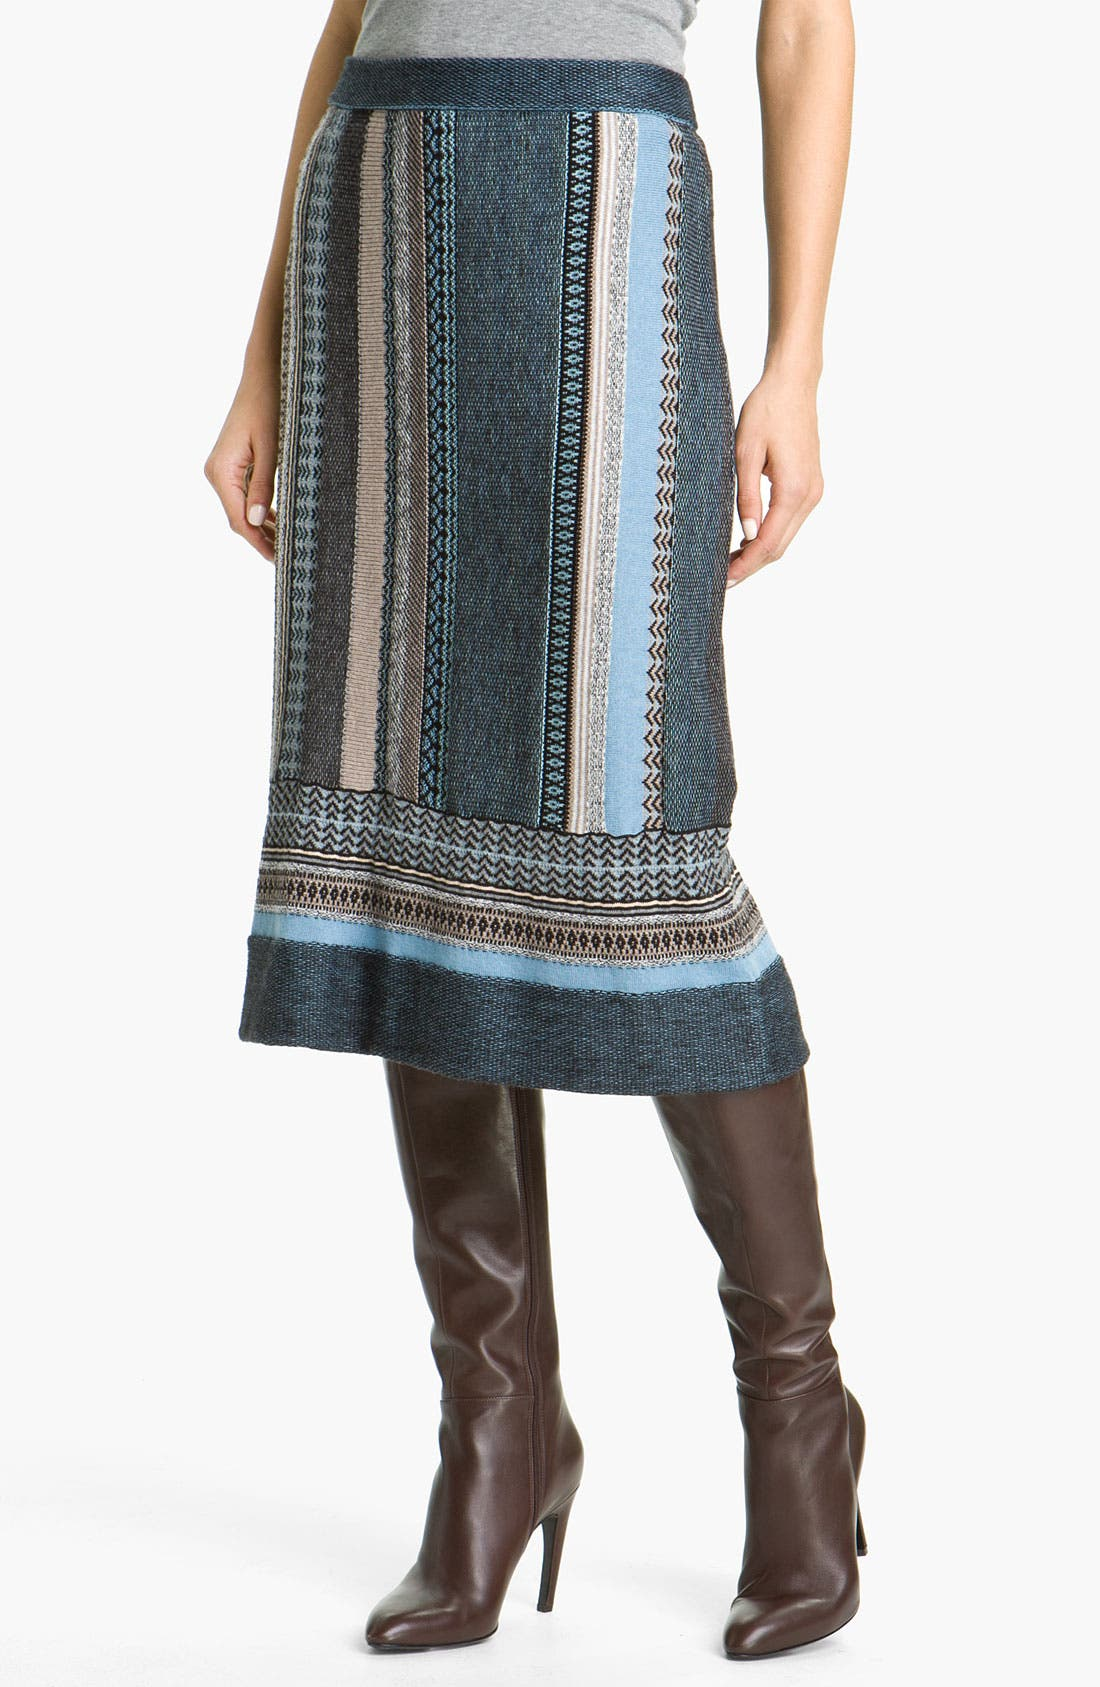 Alternate Image 1 Selected - Nic + Zoe Stripe Knit Skirt